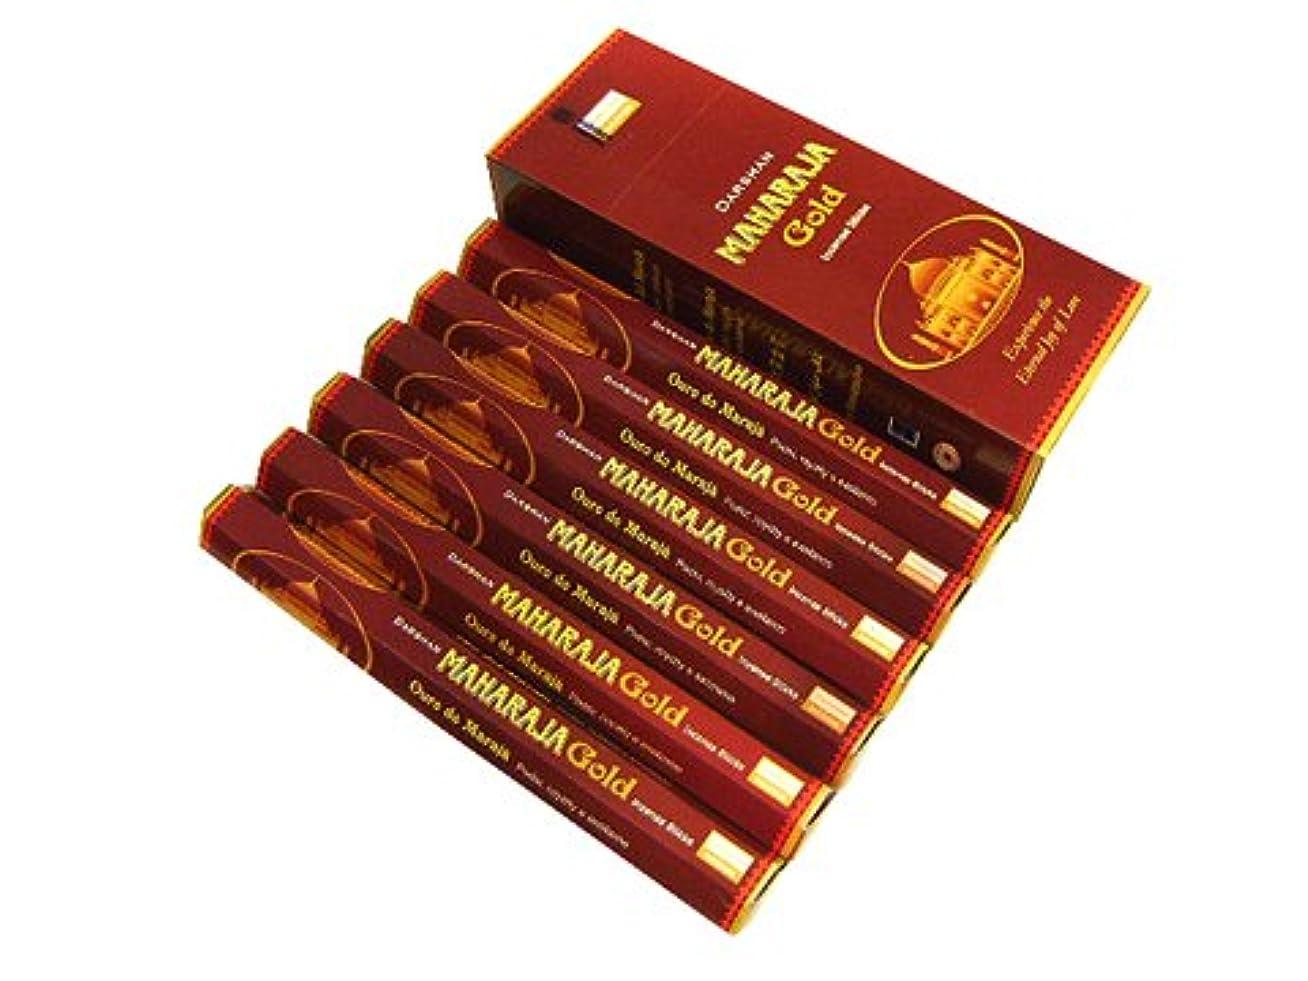 桁または解説DARSHAN(ダルシャン) マハラジャゴールド香 スティック MAHARAJA Gold 6箱セット